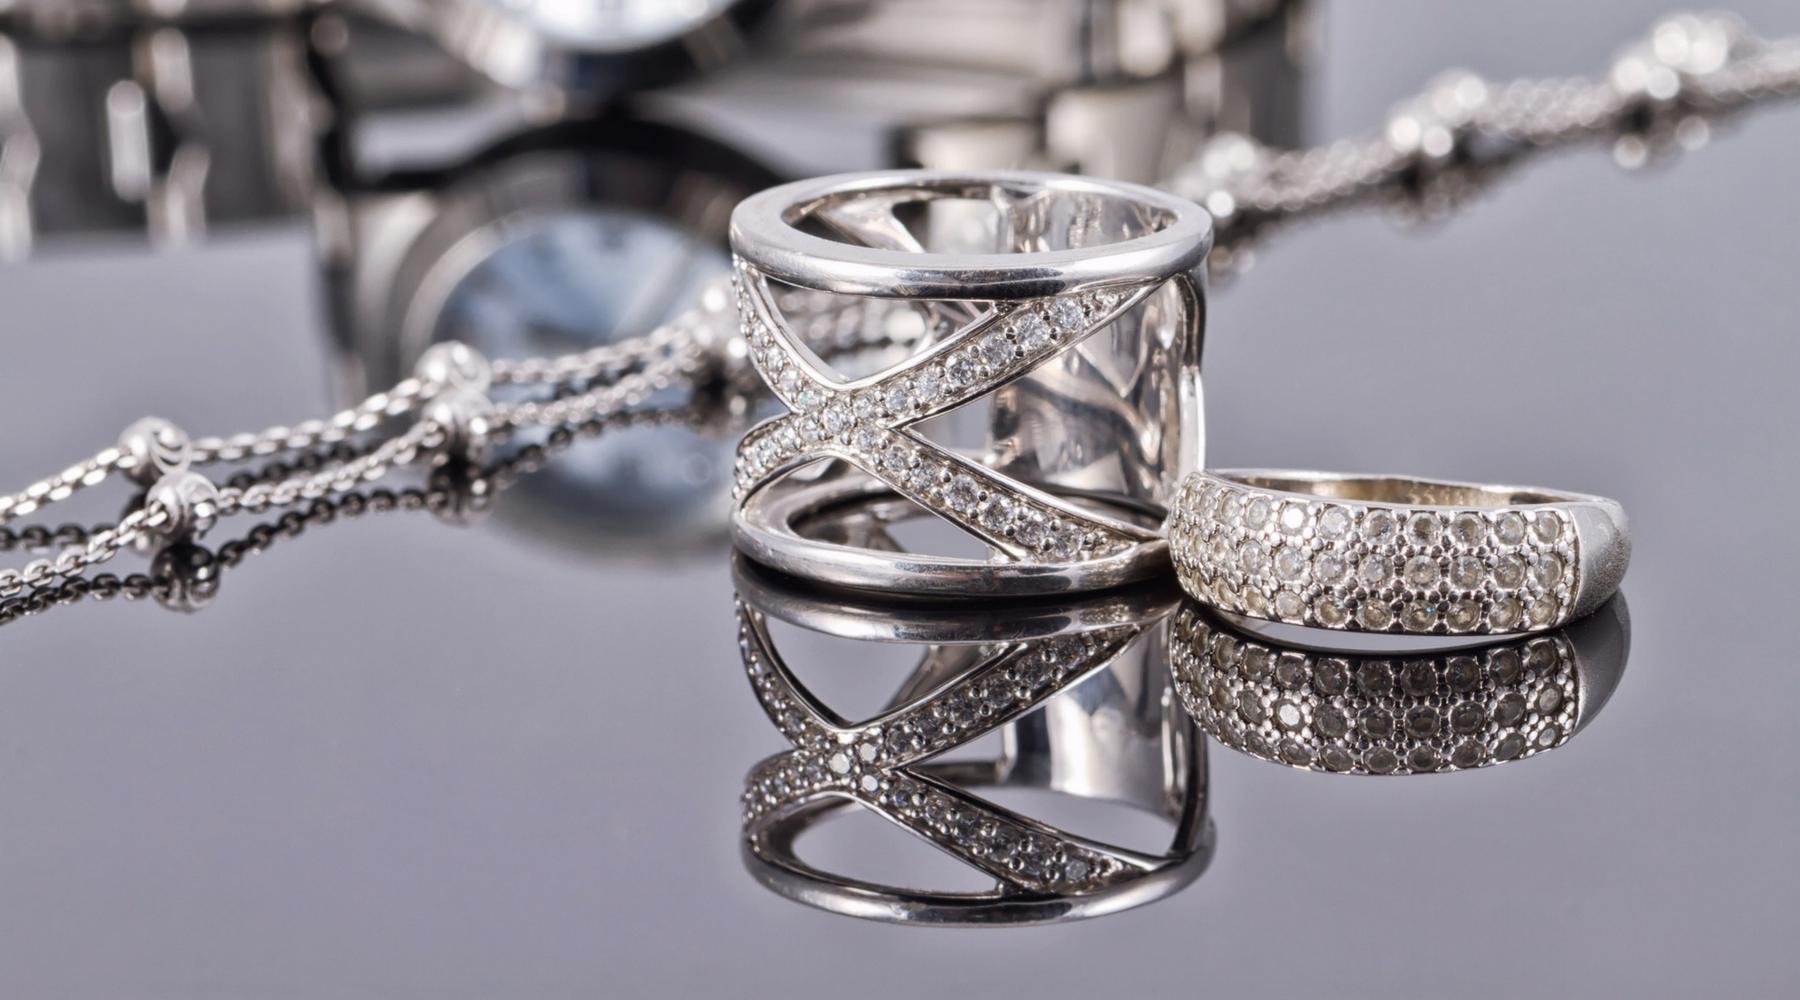 Как выбрать идеальное ювелирное украшение? – В Курсе Жизни